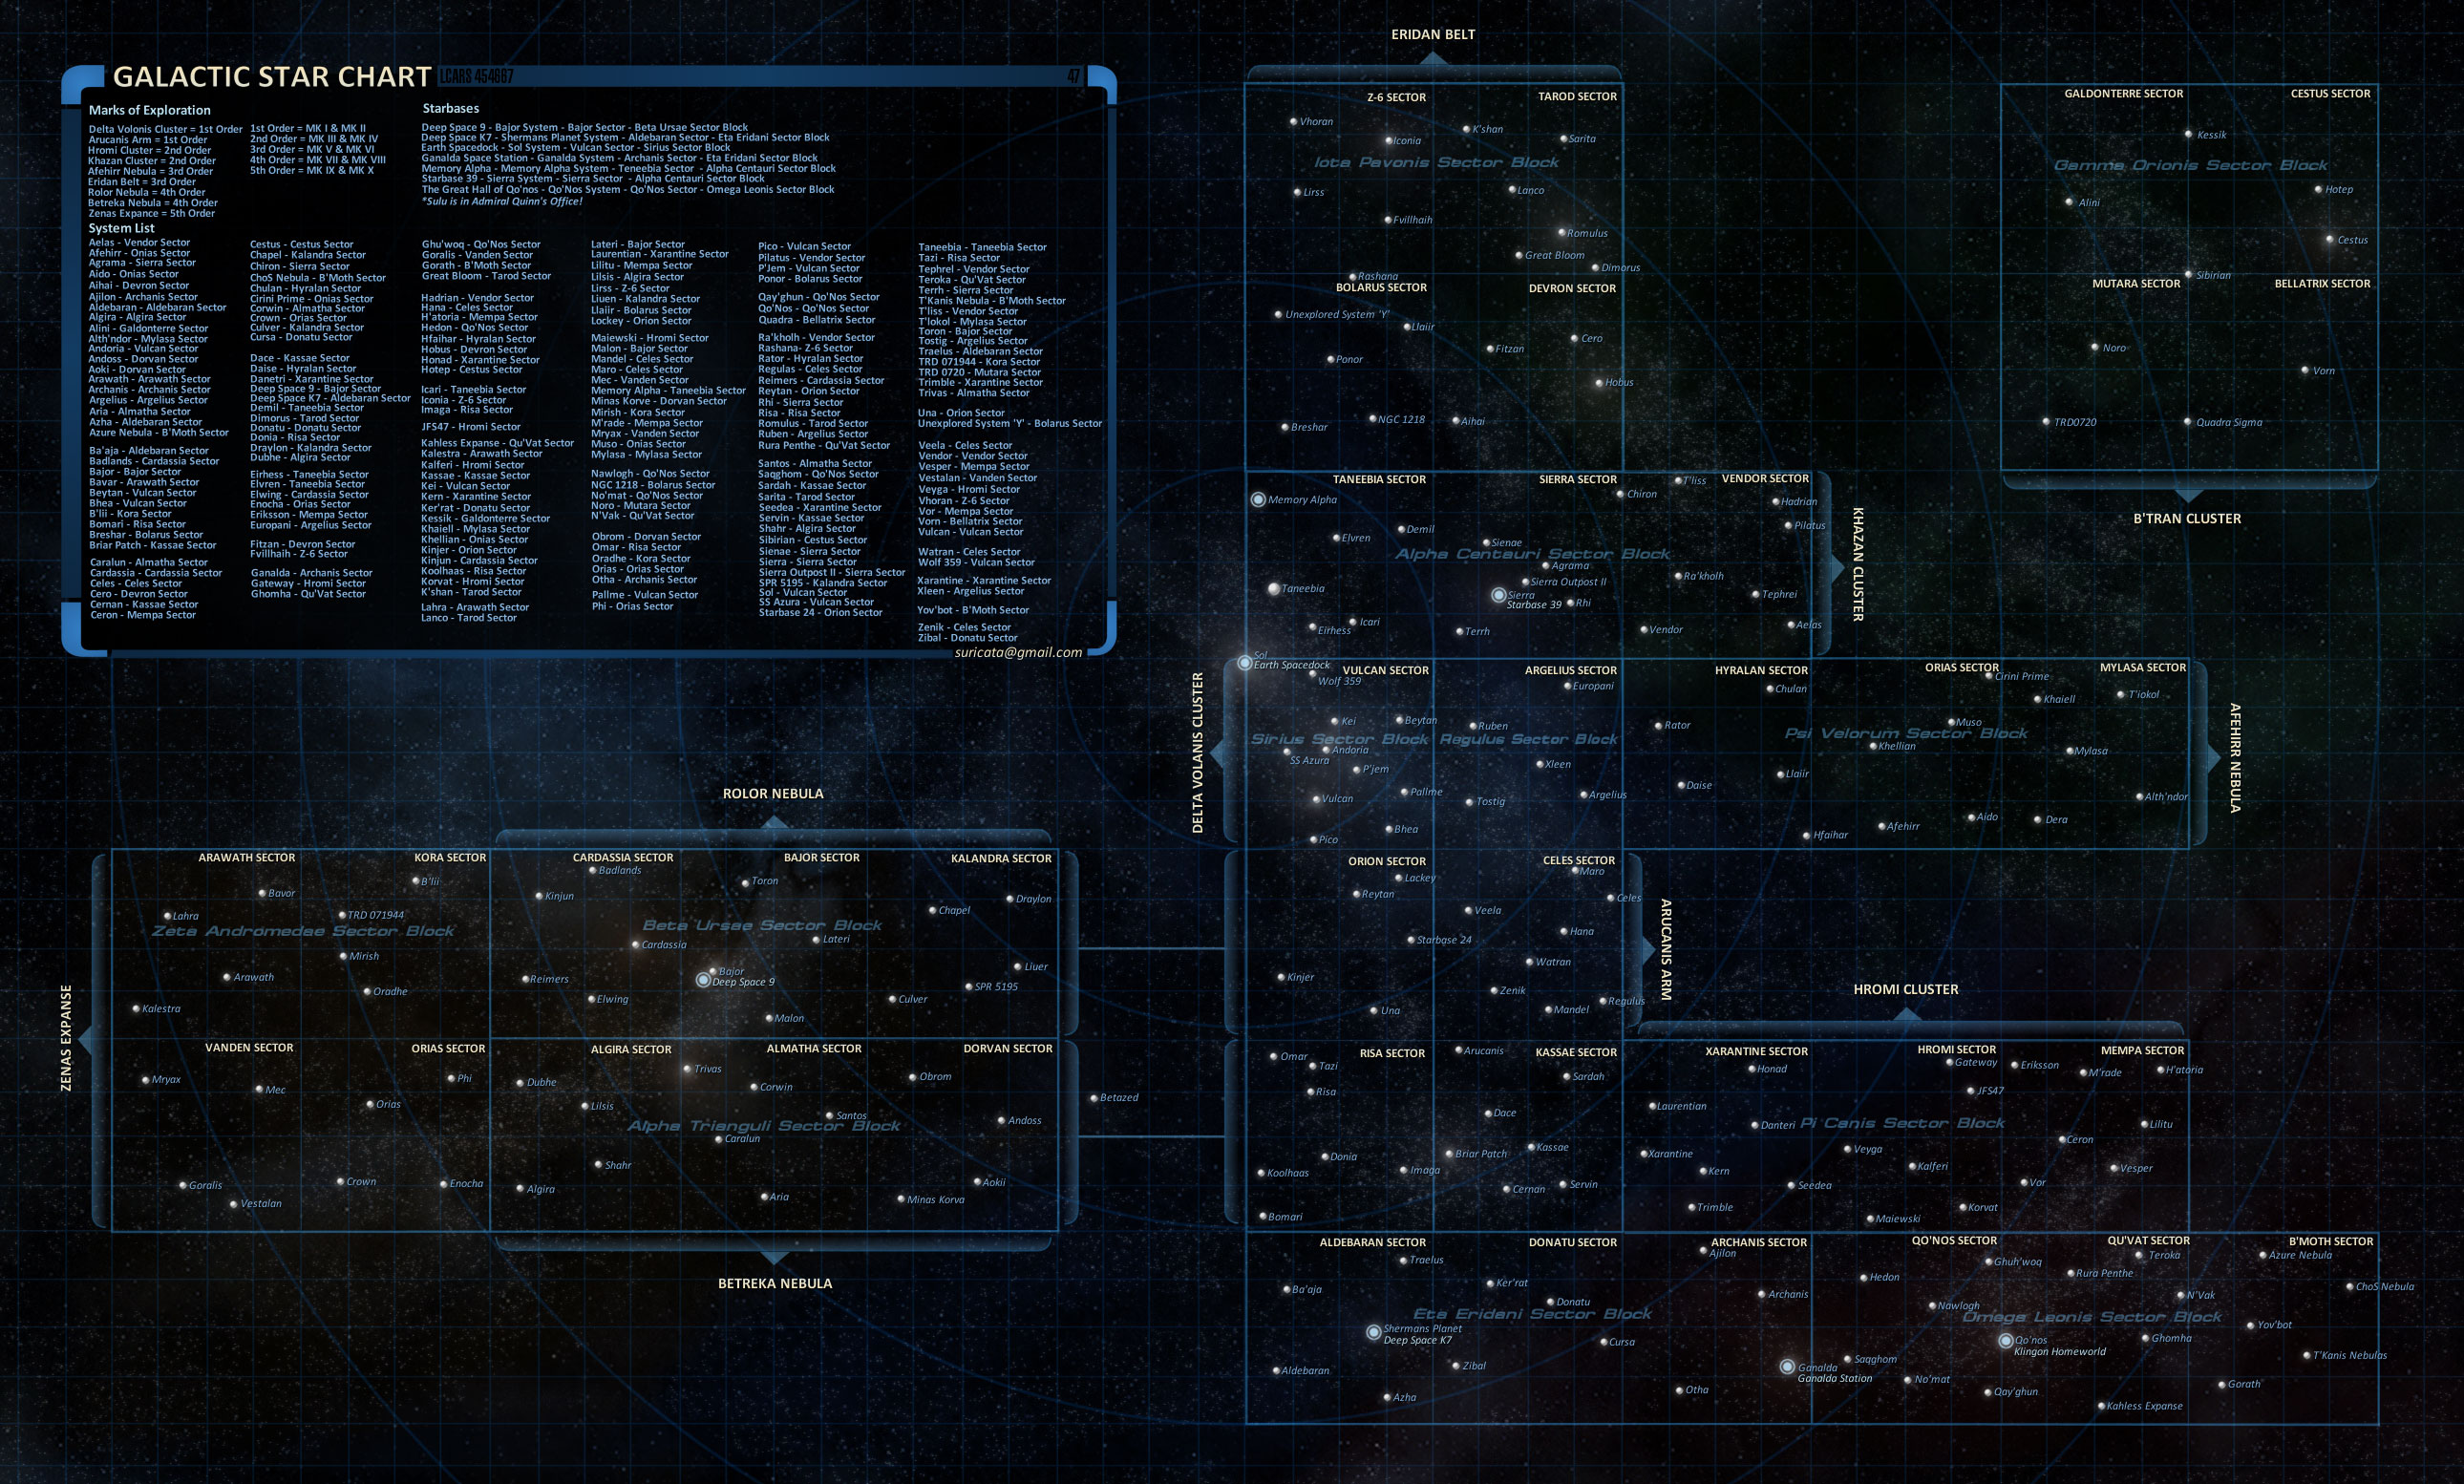 1302 Star Trek Hd Wallpapers Backgrounds Wallpaper Abyss